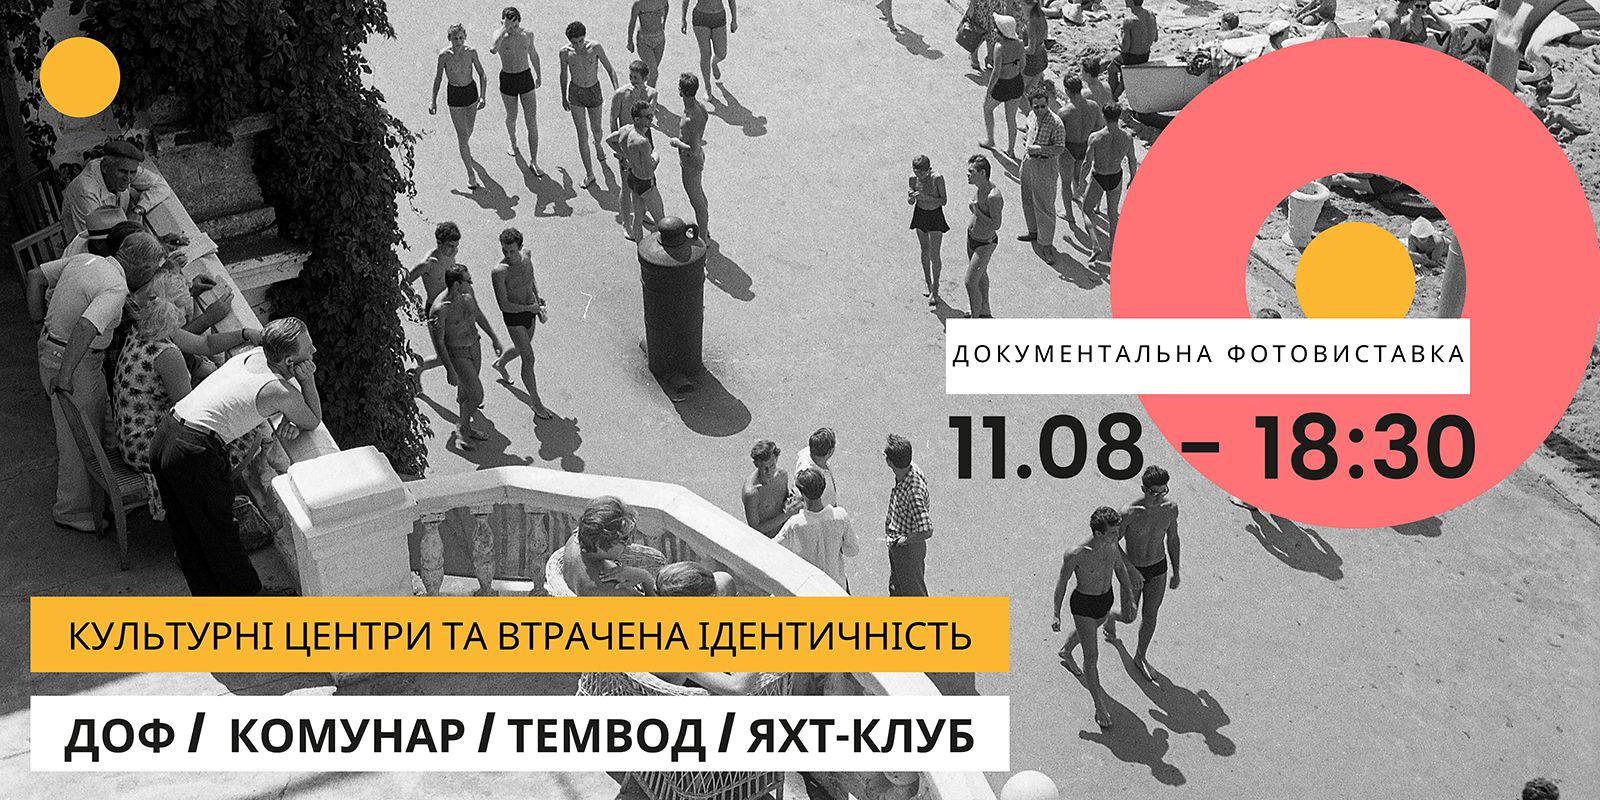 ДОФ, Комунар, Темвод, Яхт-клуб: миколаївцям покажуть втрачену ідентичність культурних центрів міста